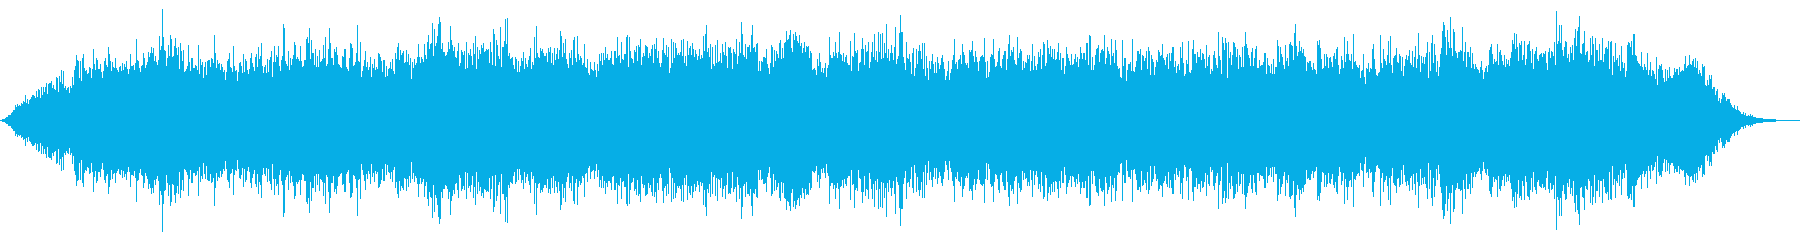 【ダークアンビエント】シーンBGM_02の再生済みの波形